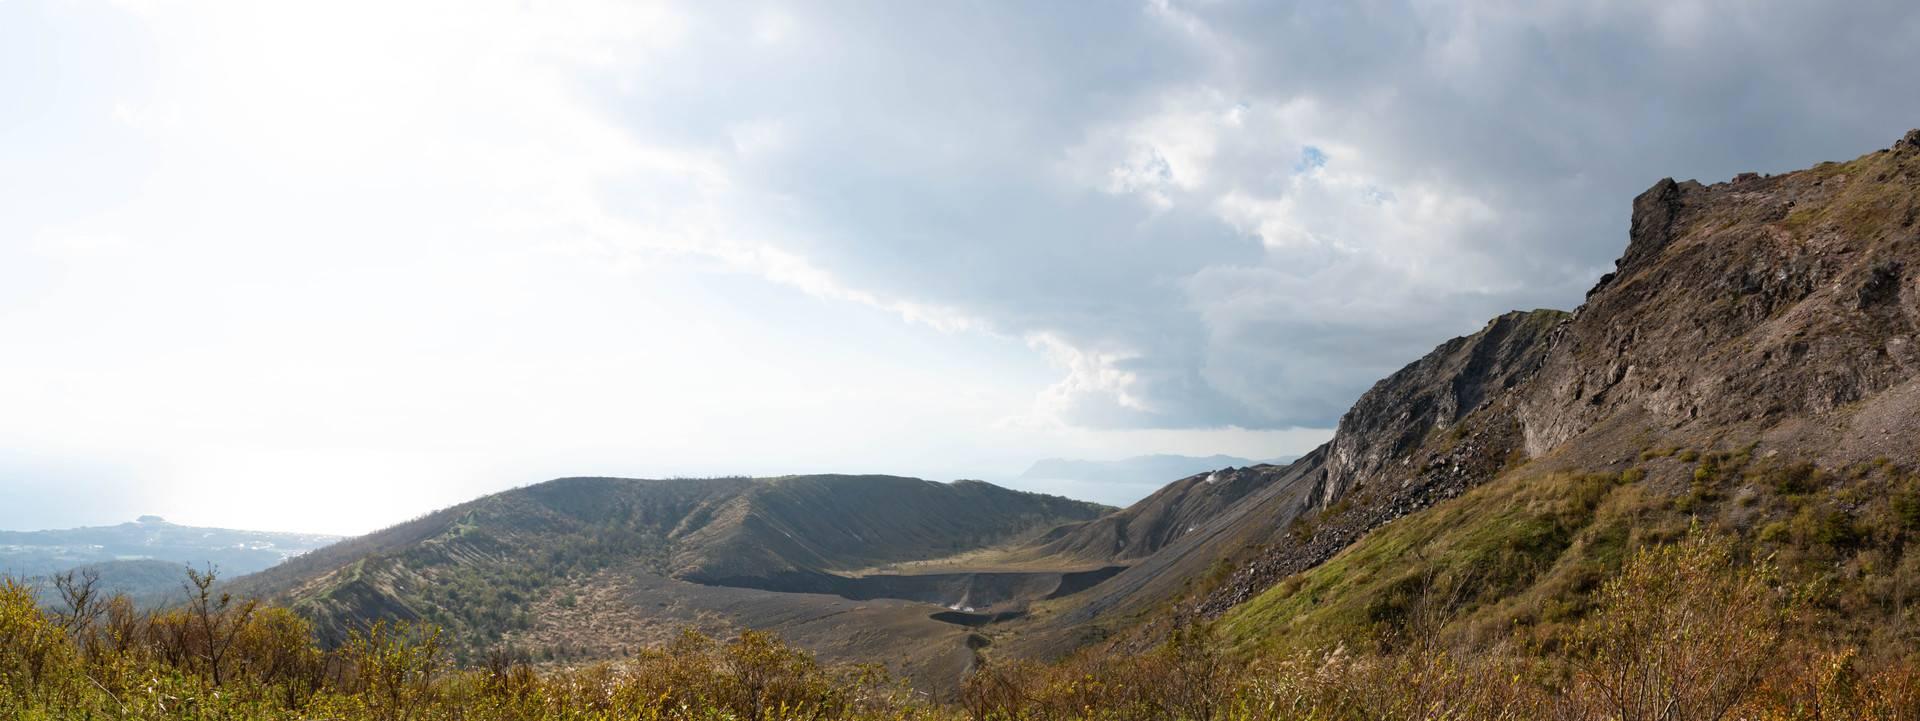 有珠山火口原展望台